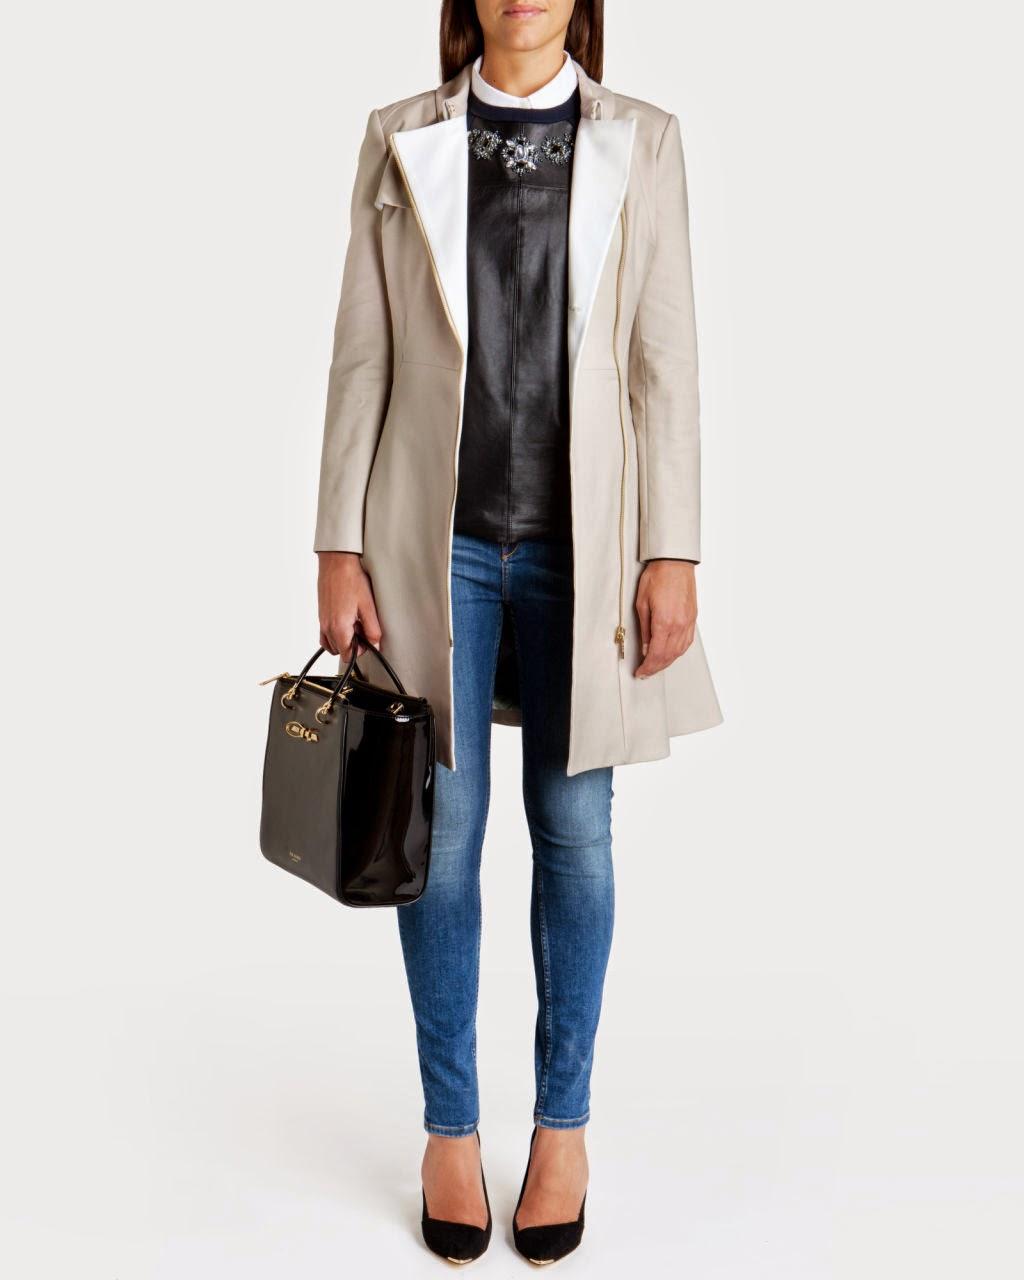 ted baker trenchcoat 2015, asymmetric zip coat,